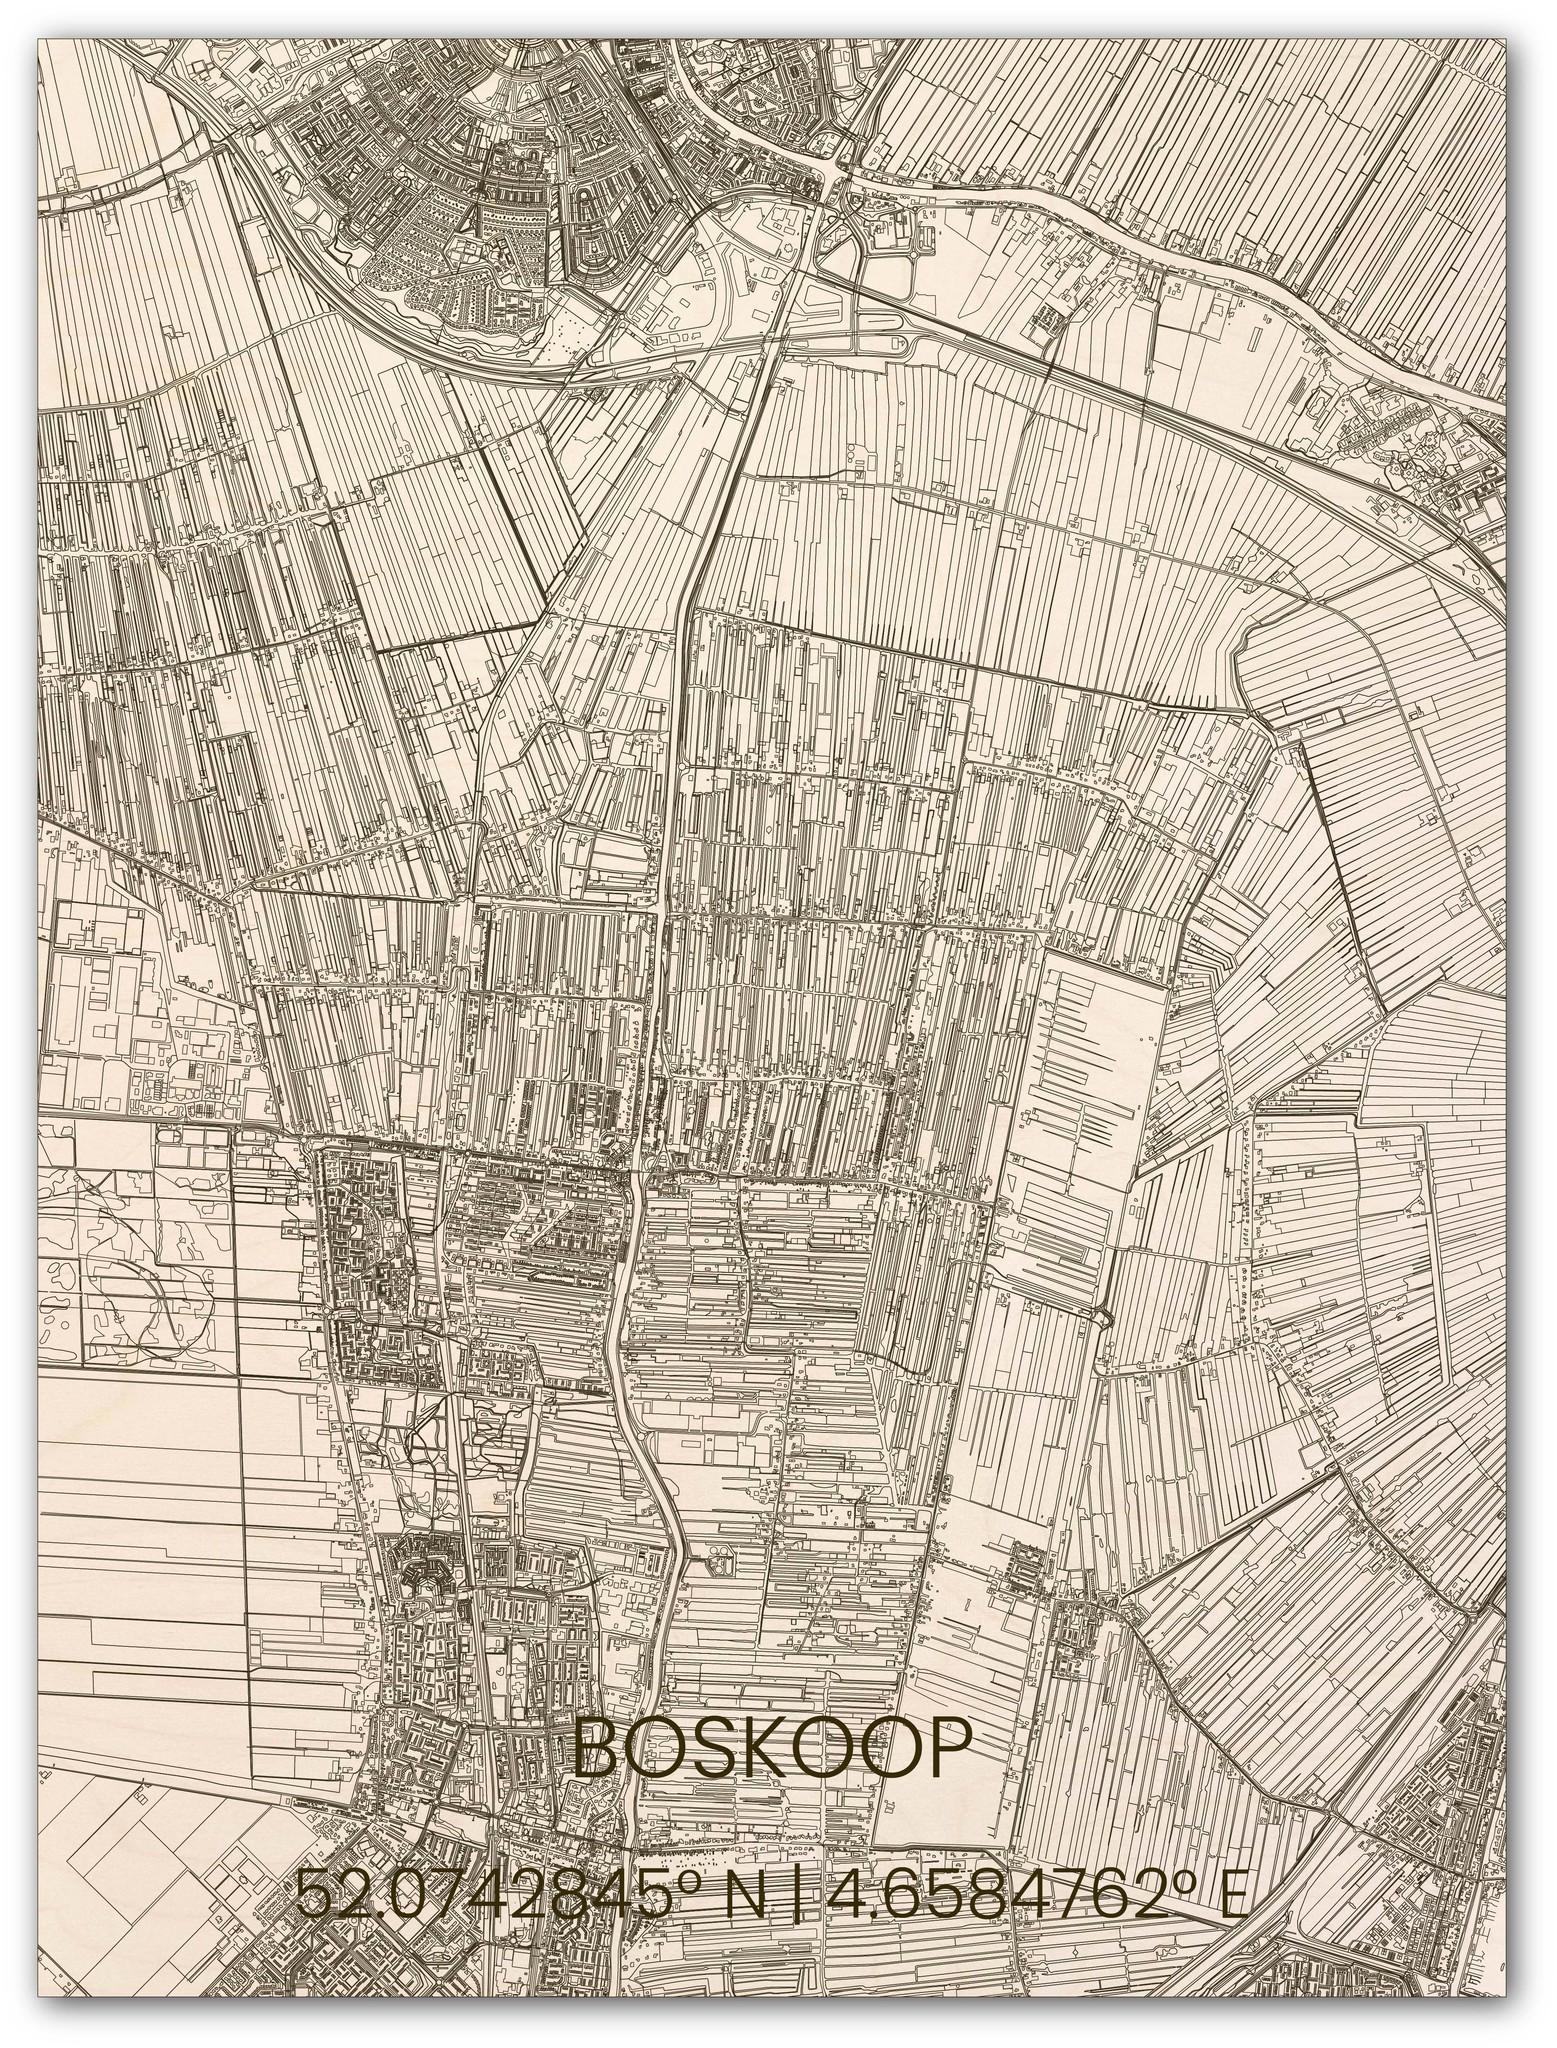 Houten stadsplattegrond Boskoop-1